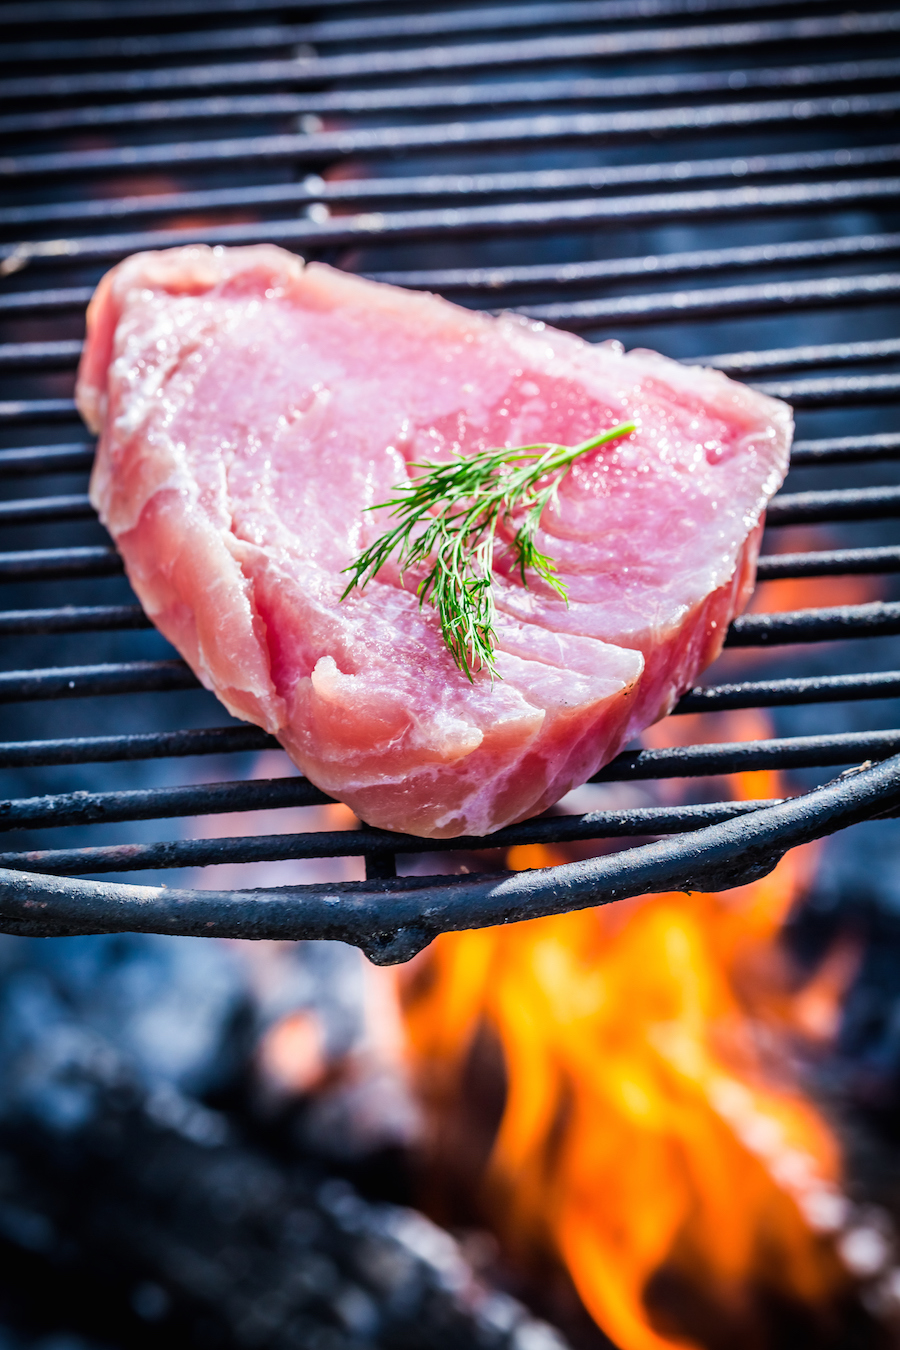 vis grillen tonijn